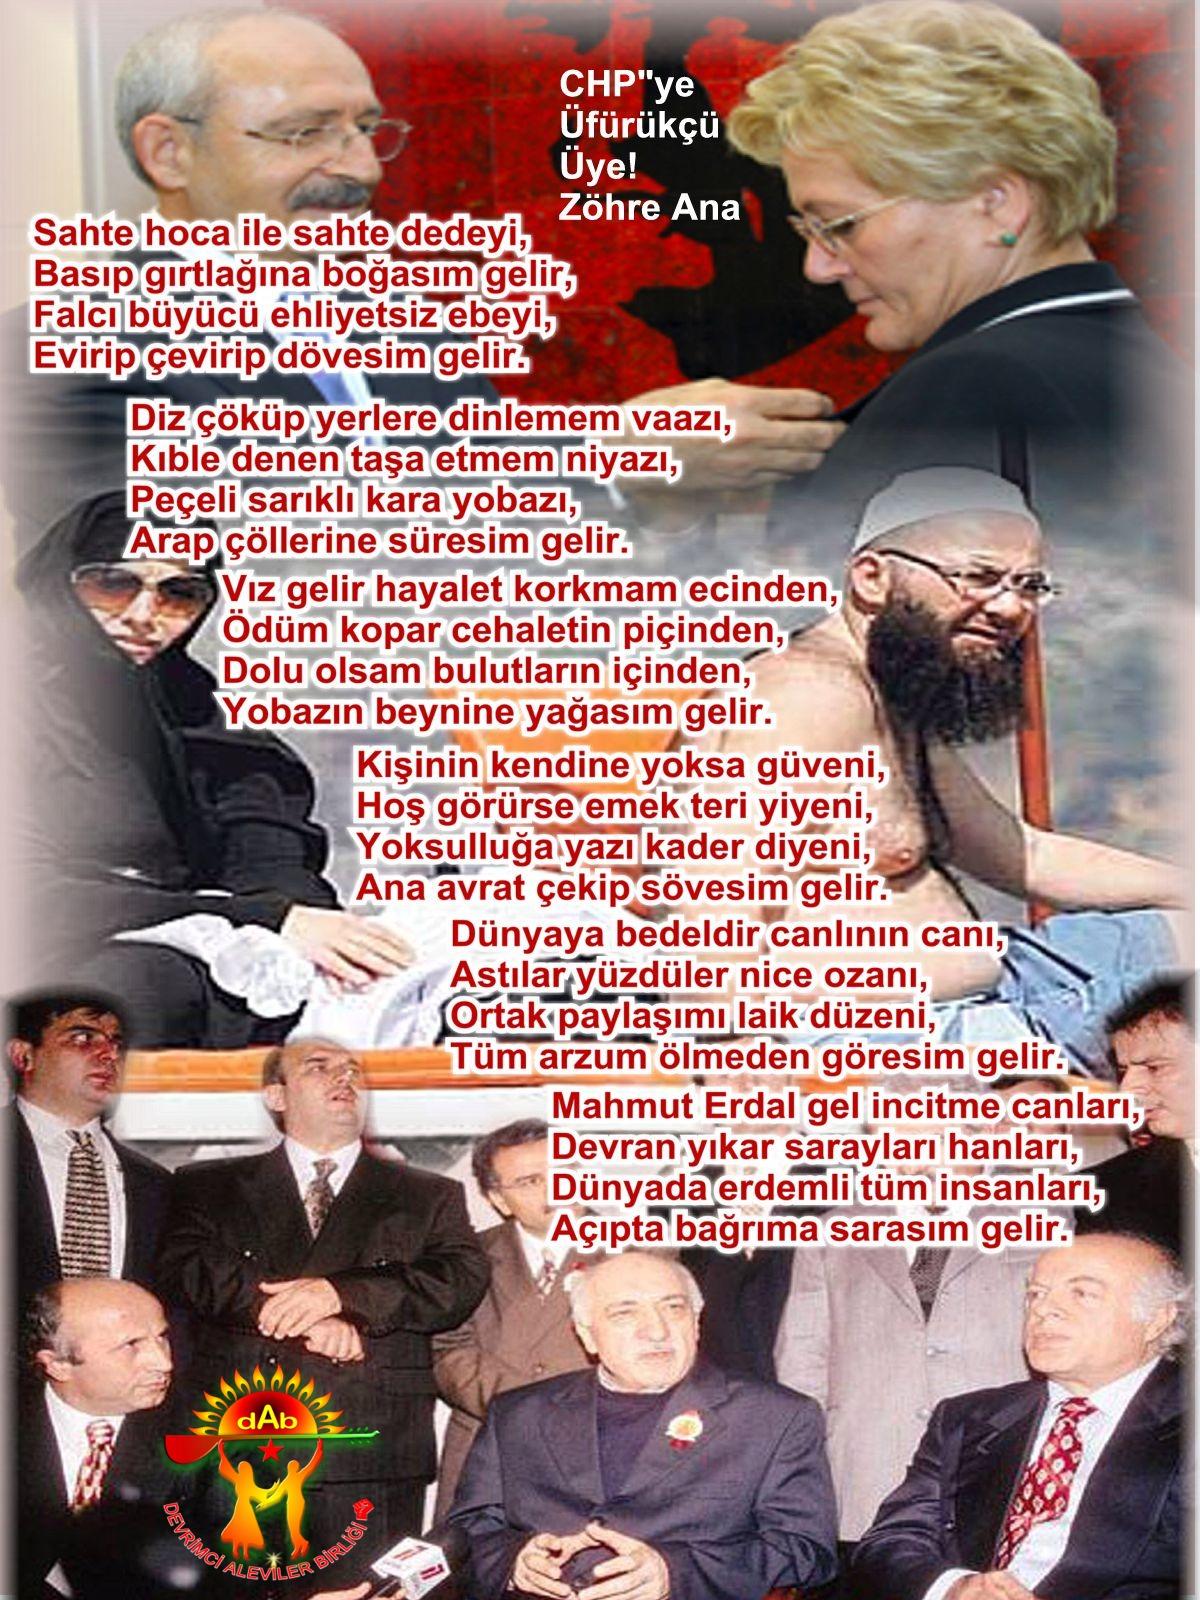 Alevi Bektaşi Kızılbaş Pir Sultan Devrimci Aleviler Birliği DAB sahte hoca dede